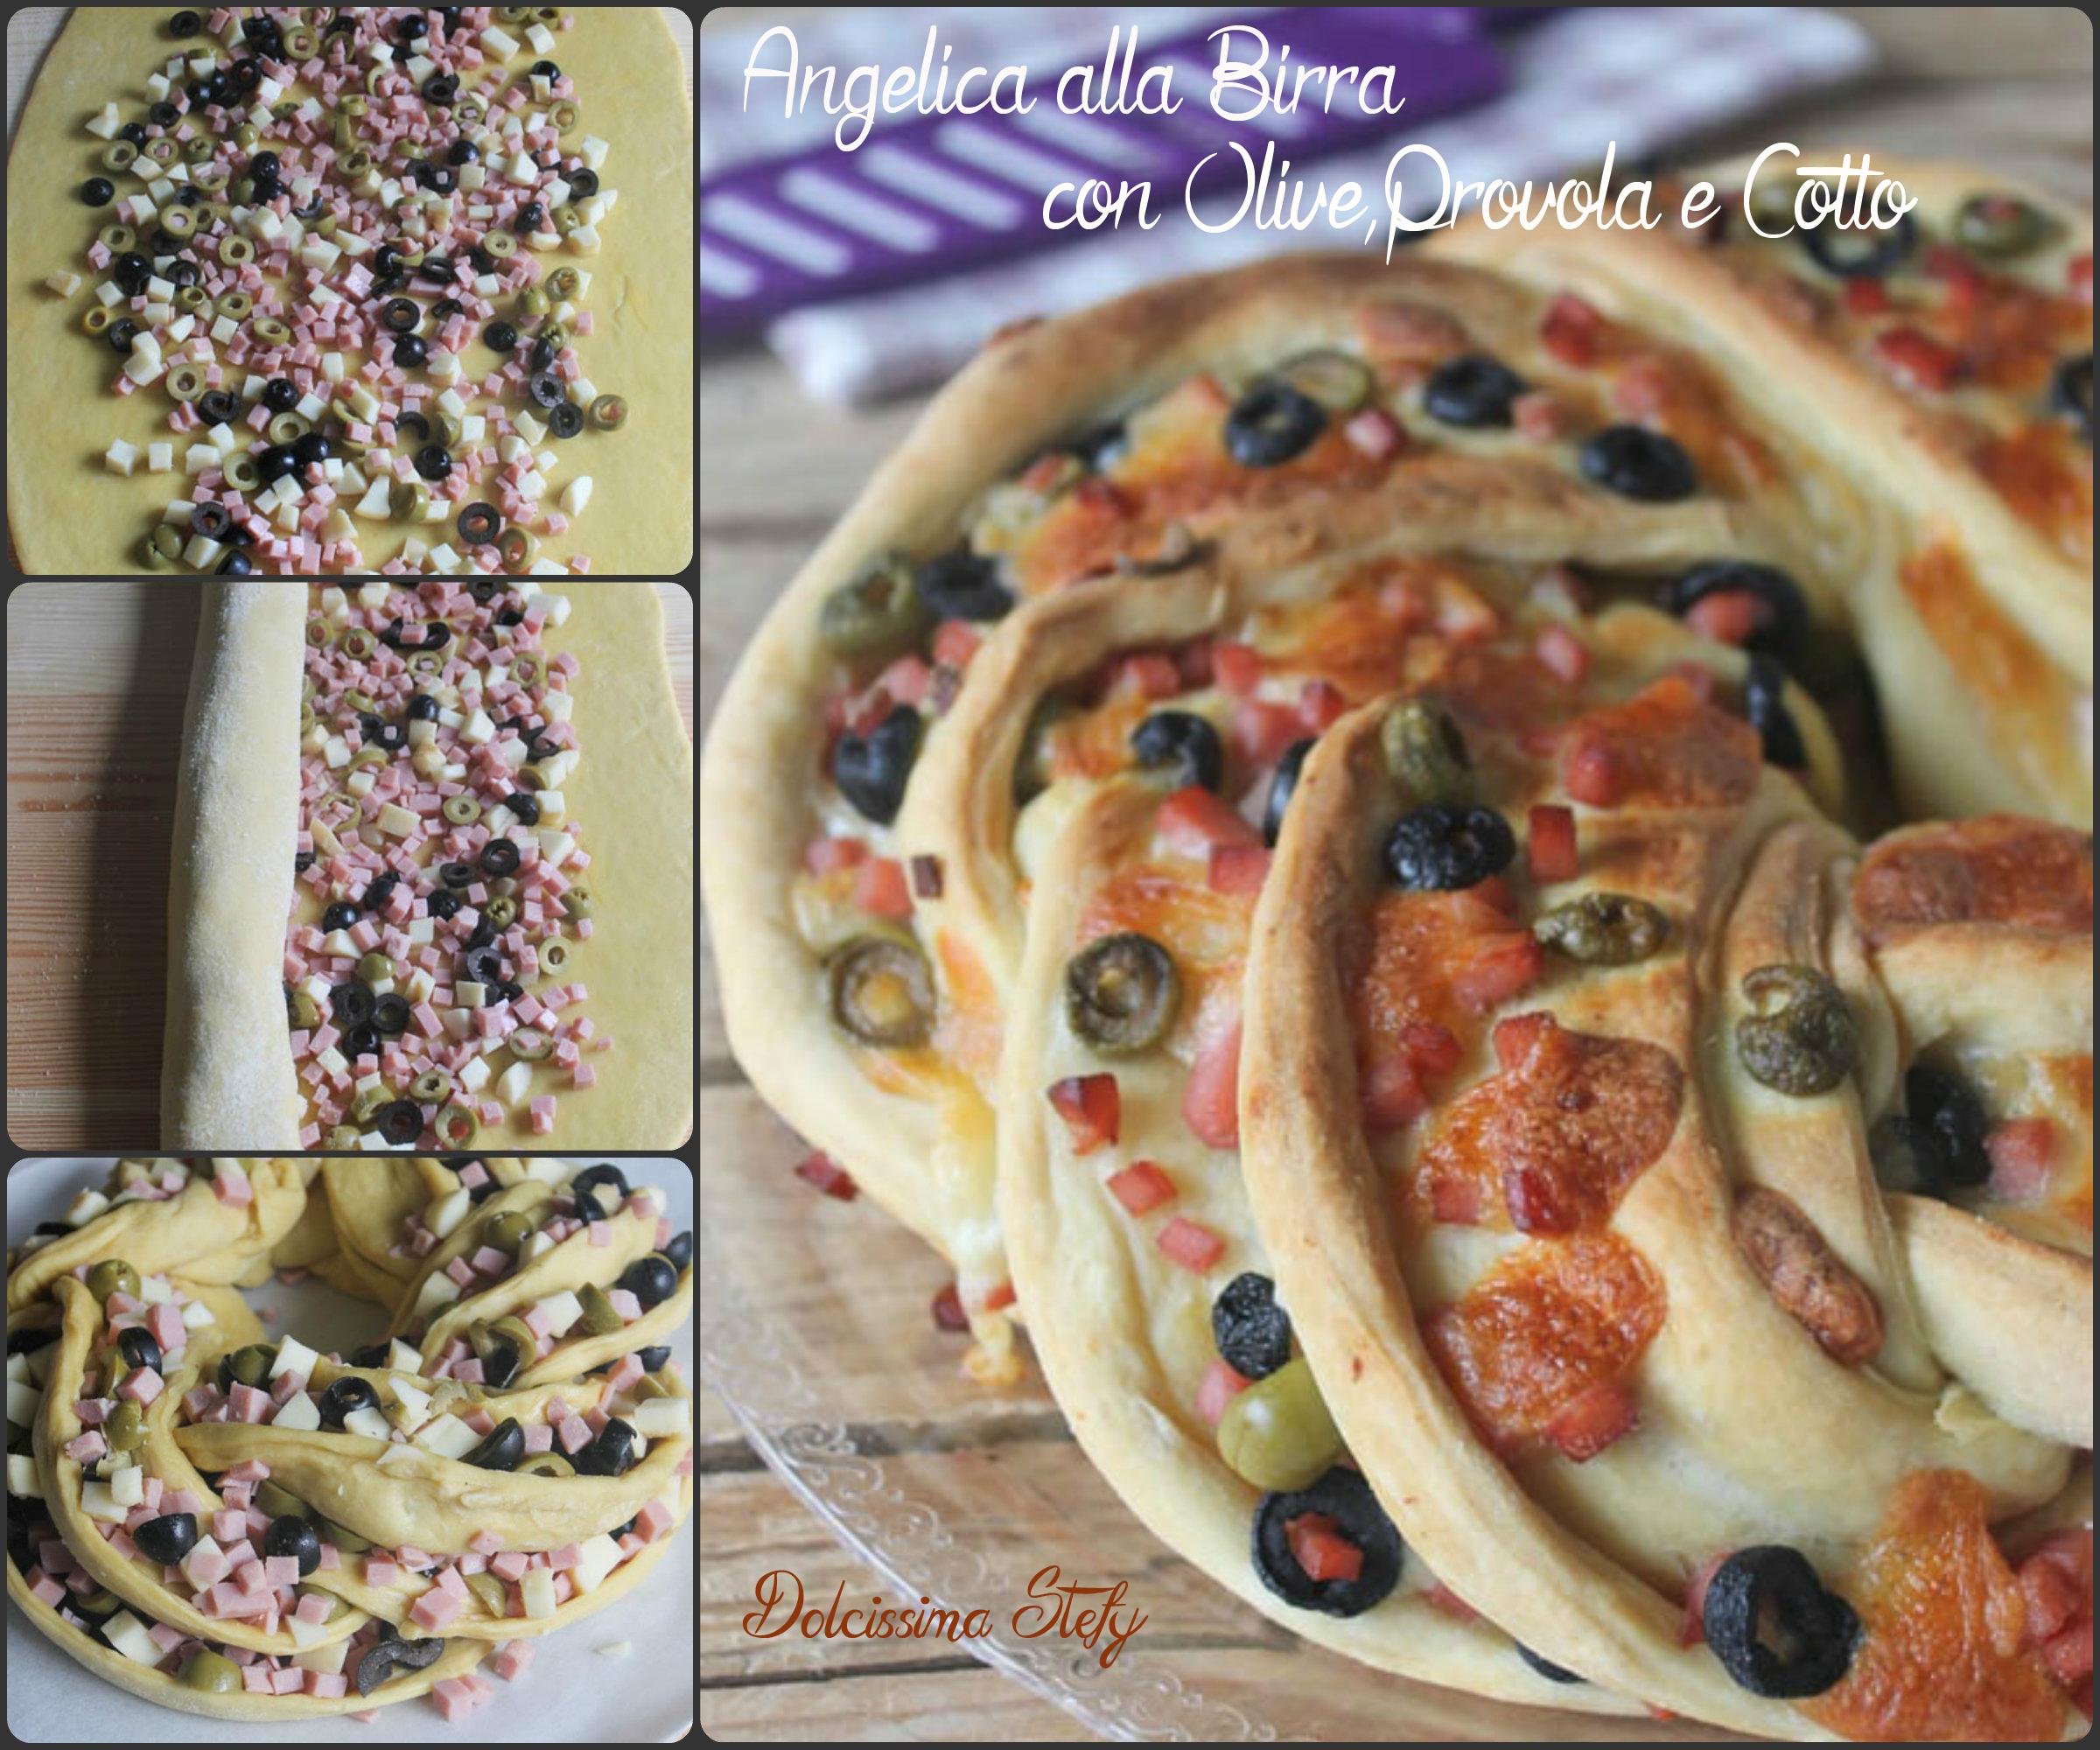 Angelica alla Birra,ricetta e tutorial